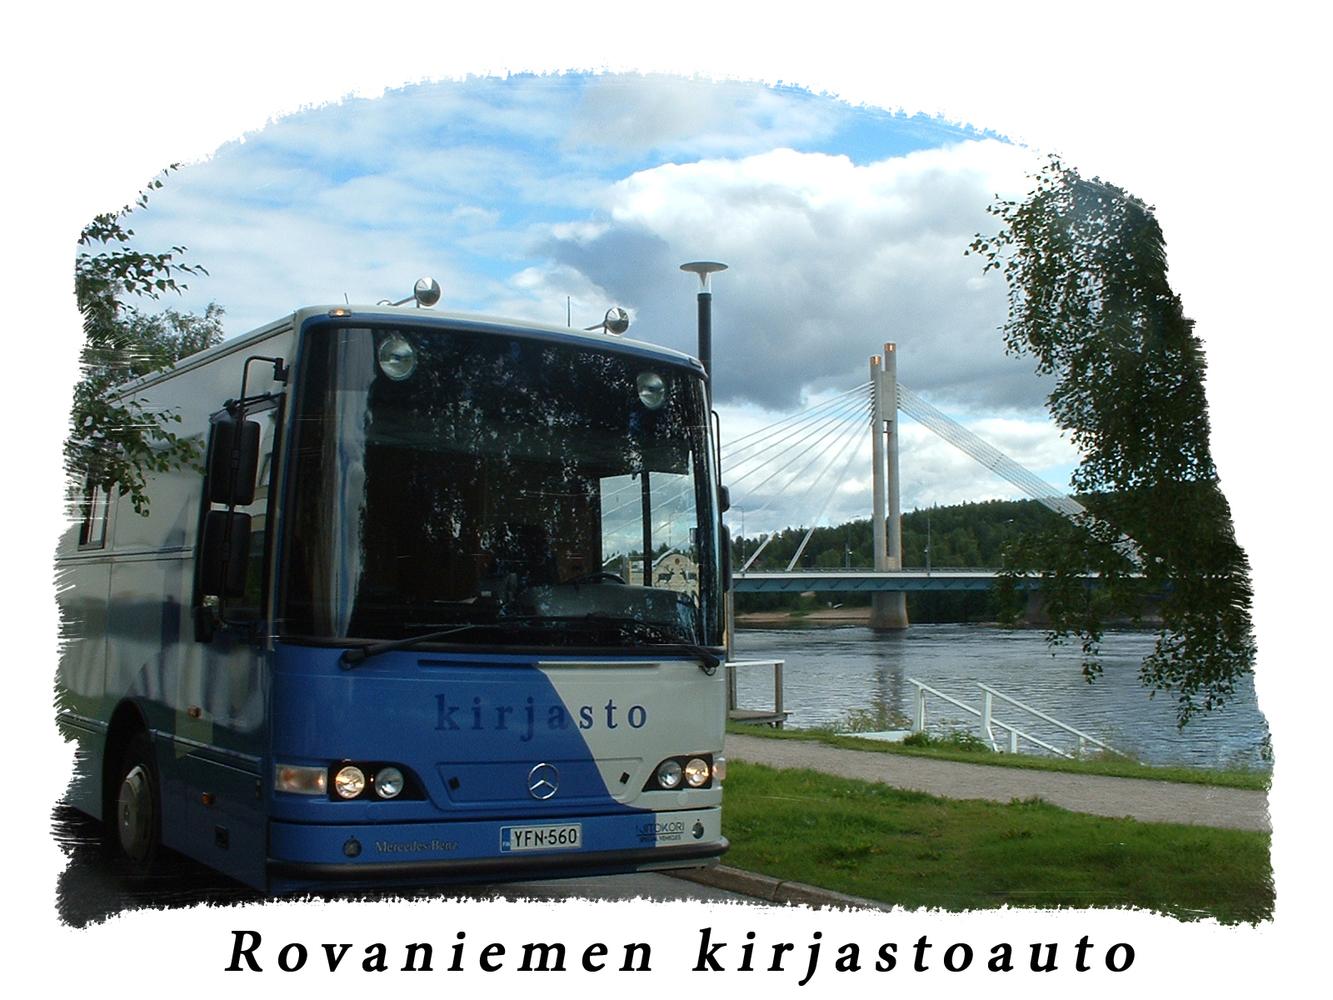 Rovaniemen kirjastoautot